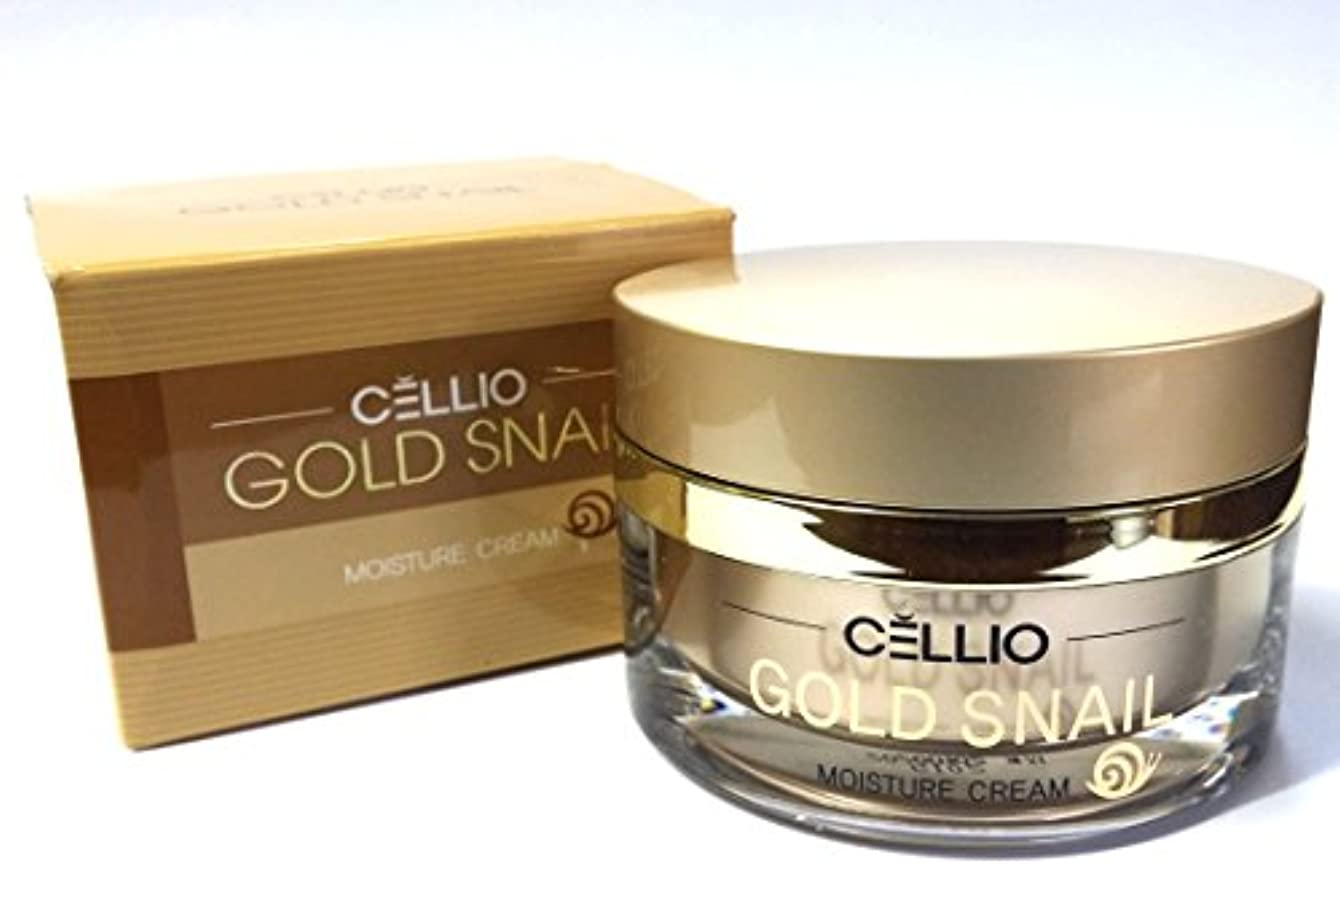 いつでもトリッキースラック[Cellio] ゴールドスネイルモイスチャークリーム50ml(1.7oz)/弾力性、カタツムリ粘液 / 韓国化粧品 / Gold Snail Moisture Cream 50ml(1.7oz) / elastic,snail mucus / Korean Cosmetics [並行輸入品]